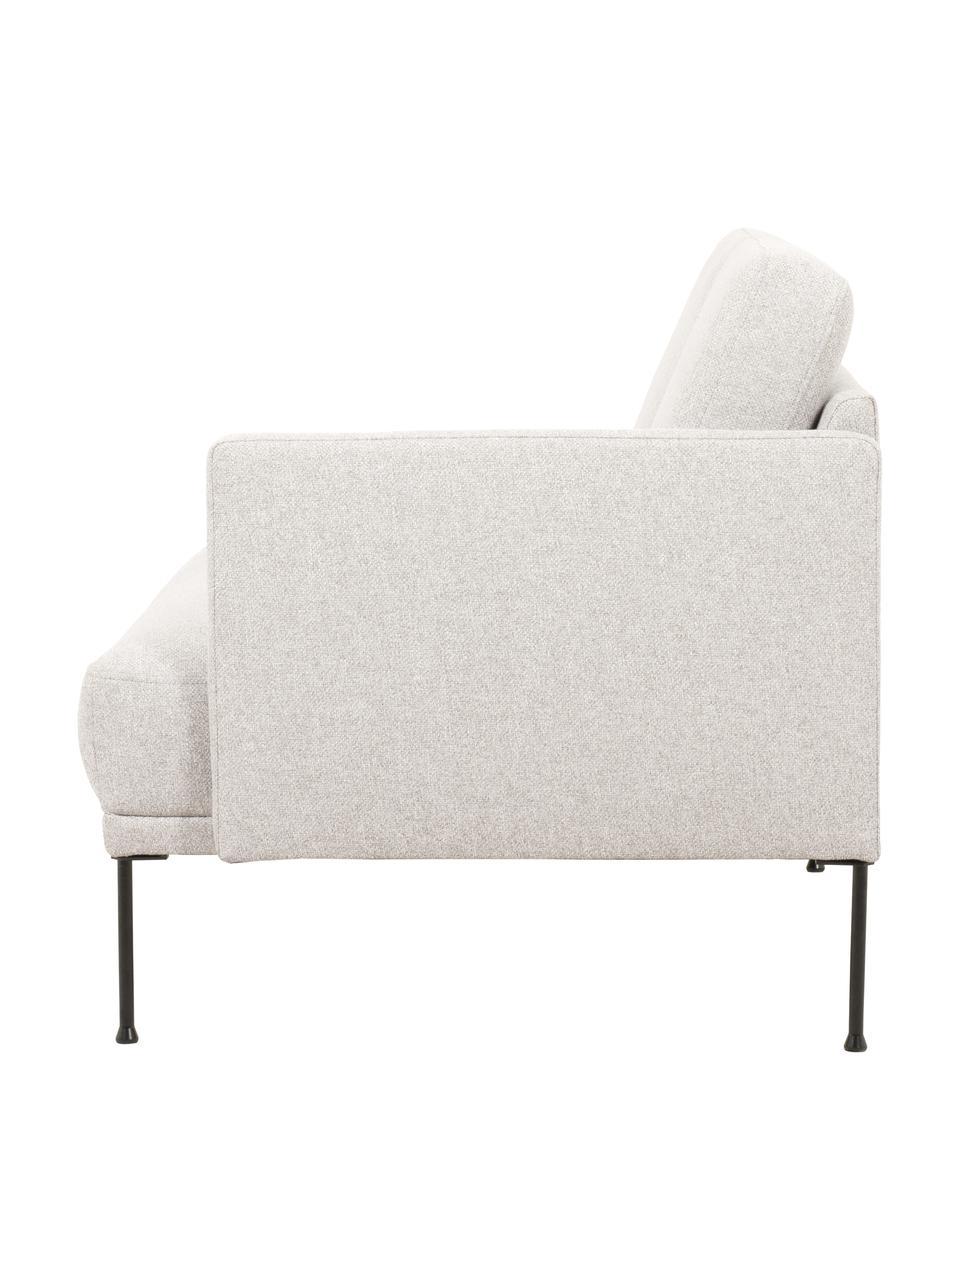 Chaise longue Fluente in beige met metalen poten, Bekleding: 80% Polyester, 20% Ramie, Frame: massief grenenhout, Poten: gepoedercoat metaal, Geweven stof beige, 202 x 79 cm